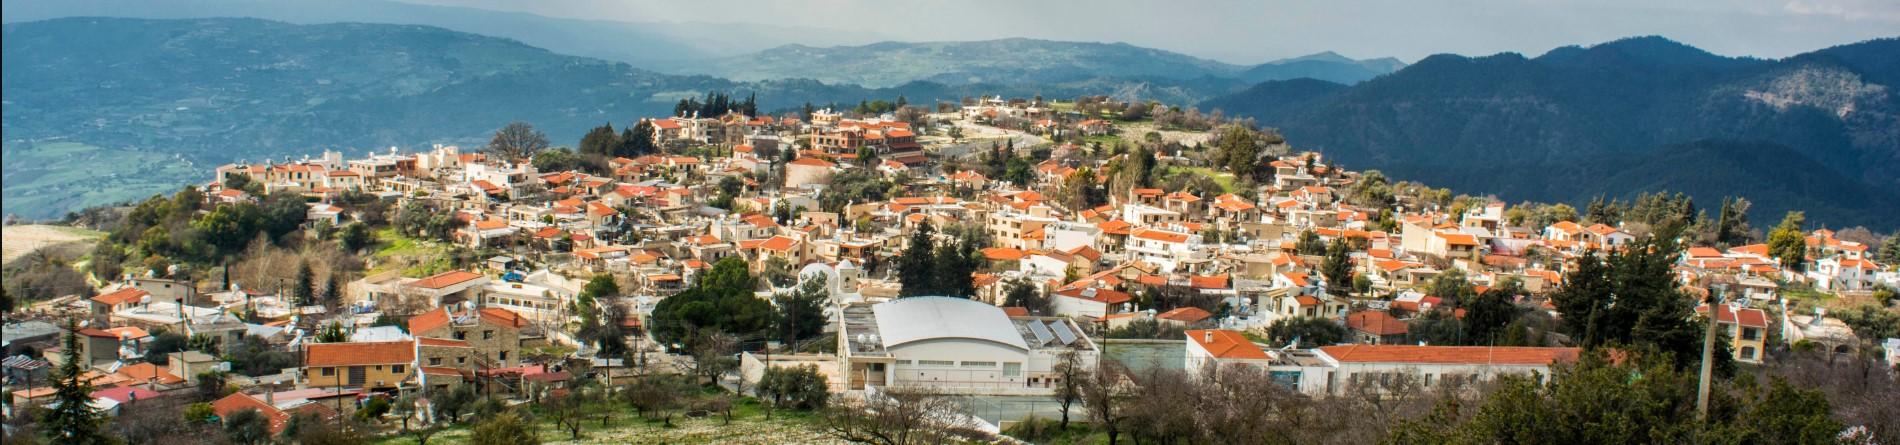 Пафос. Запад Кипра. Обзорный тур